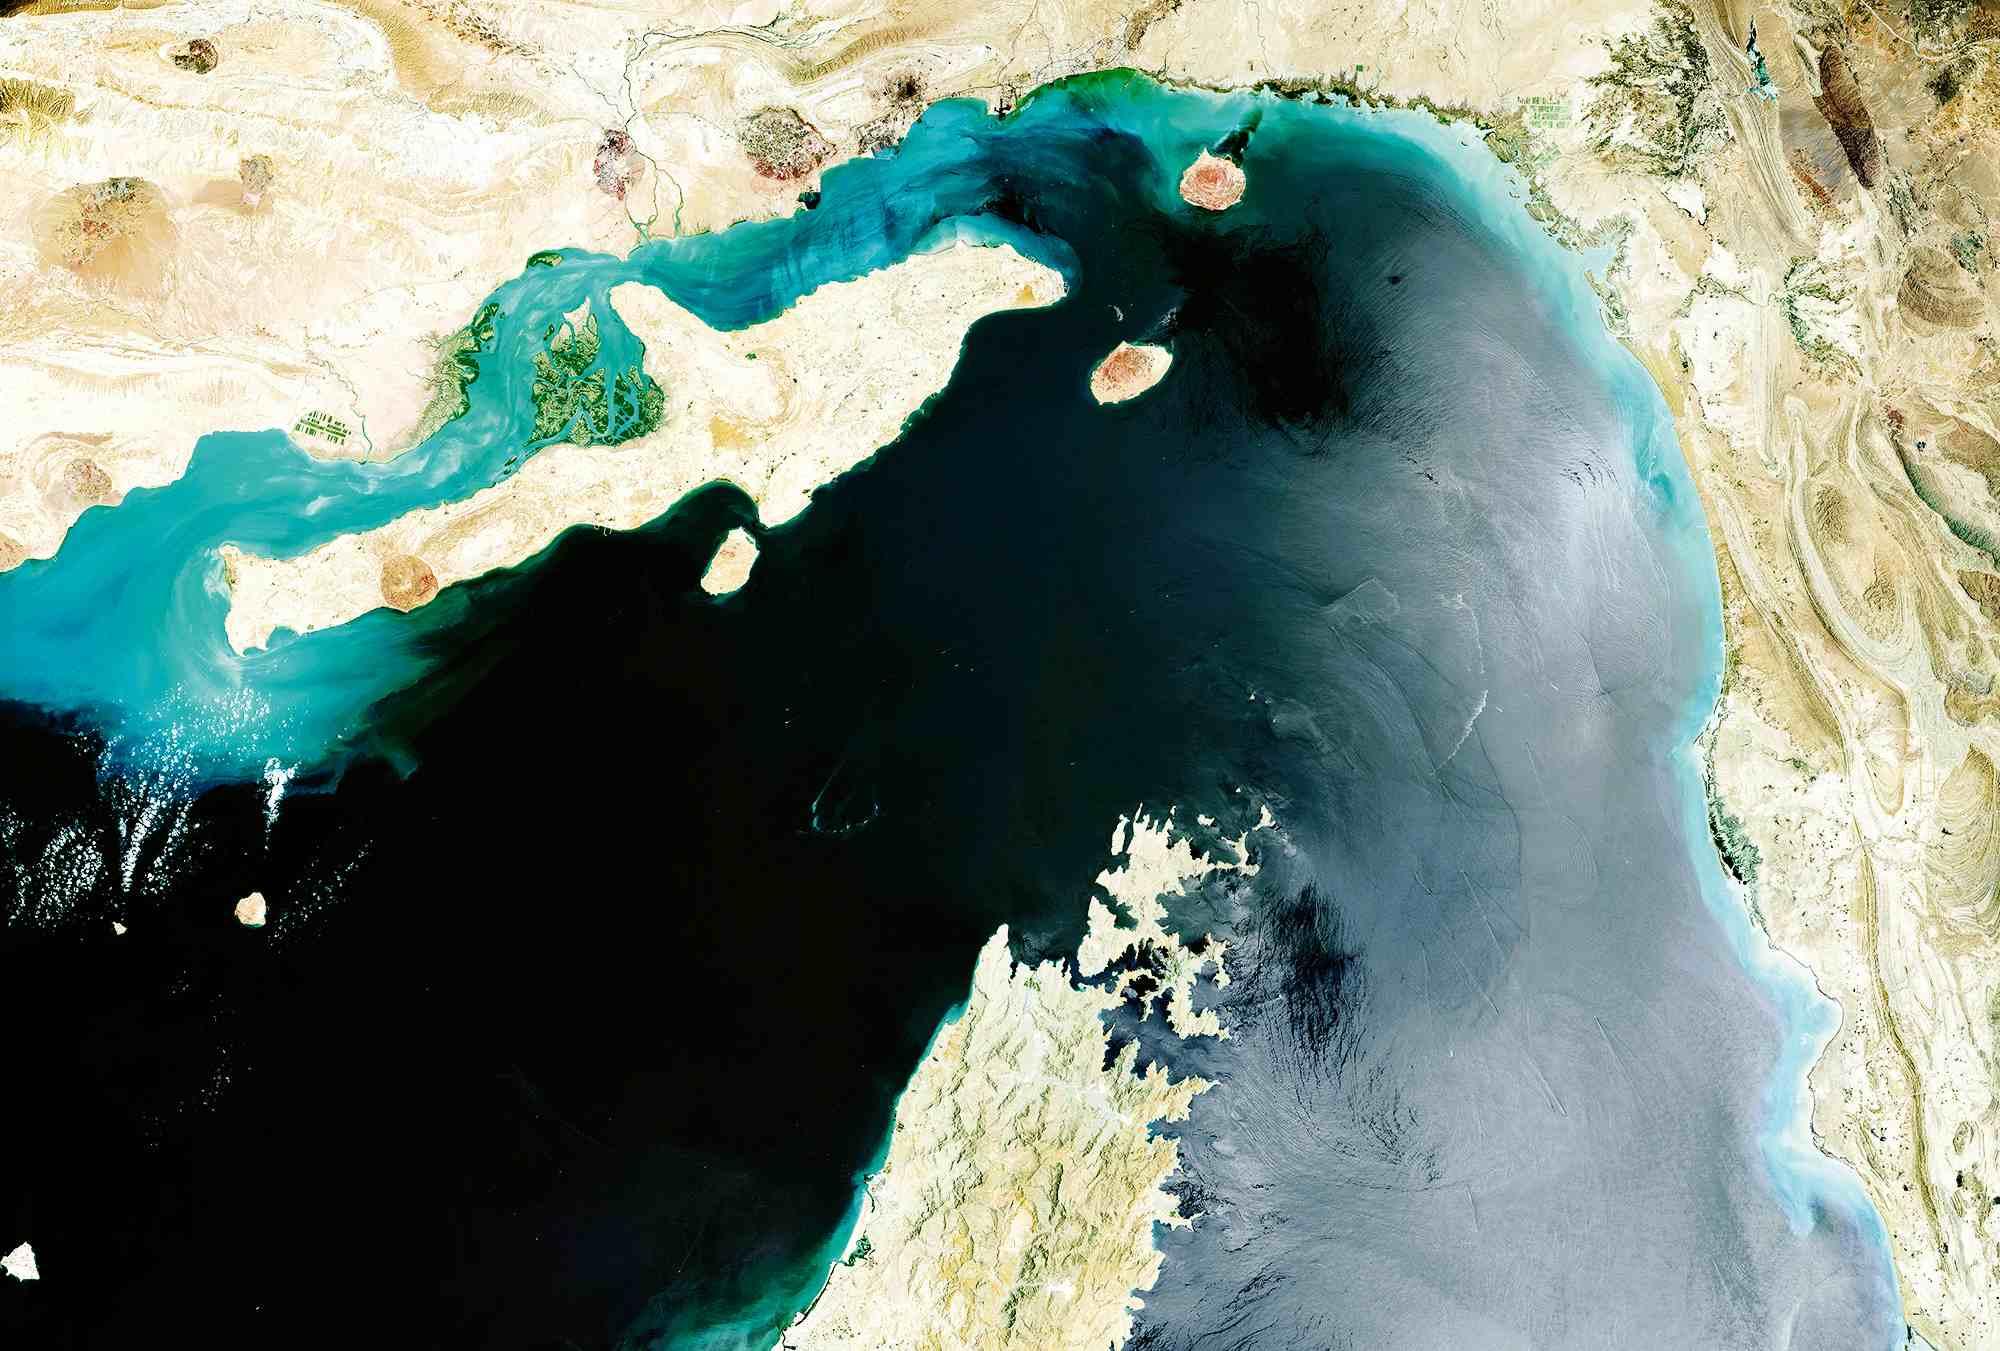 ایران تنگه هرمز را دور میزند/ صادرات نفت از شرق تنگه هرمز امکان پذیر میشود